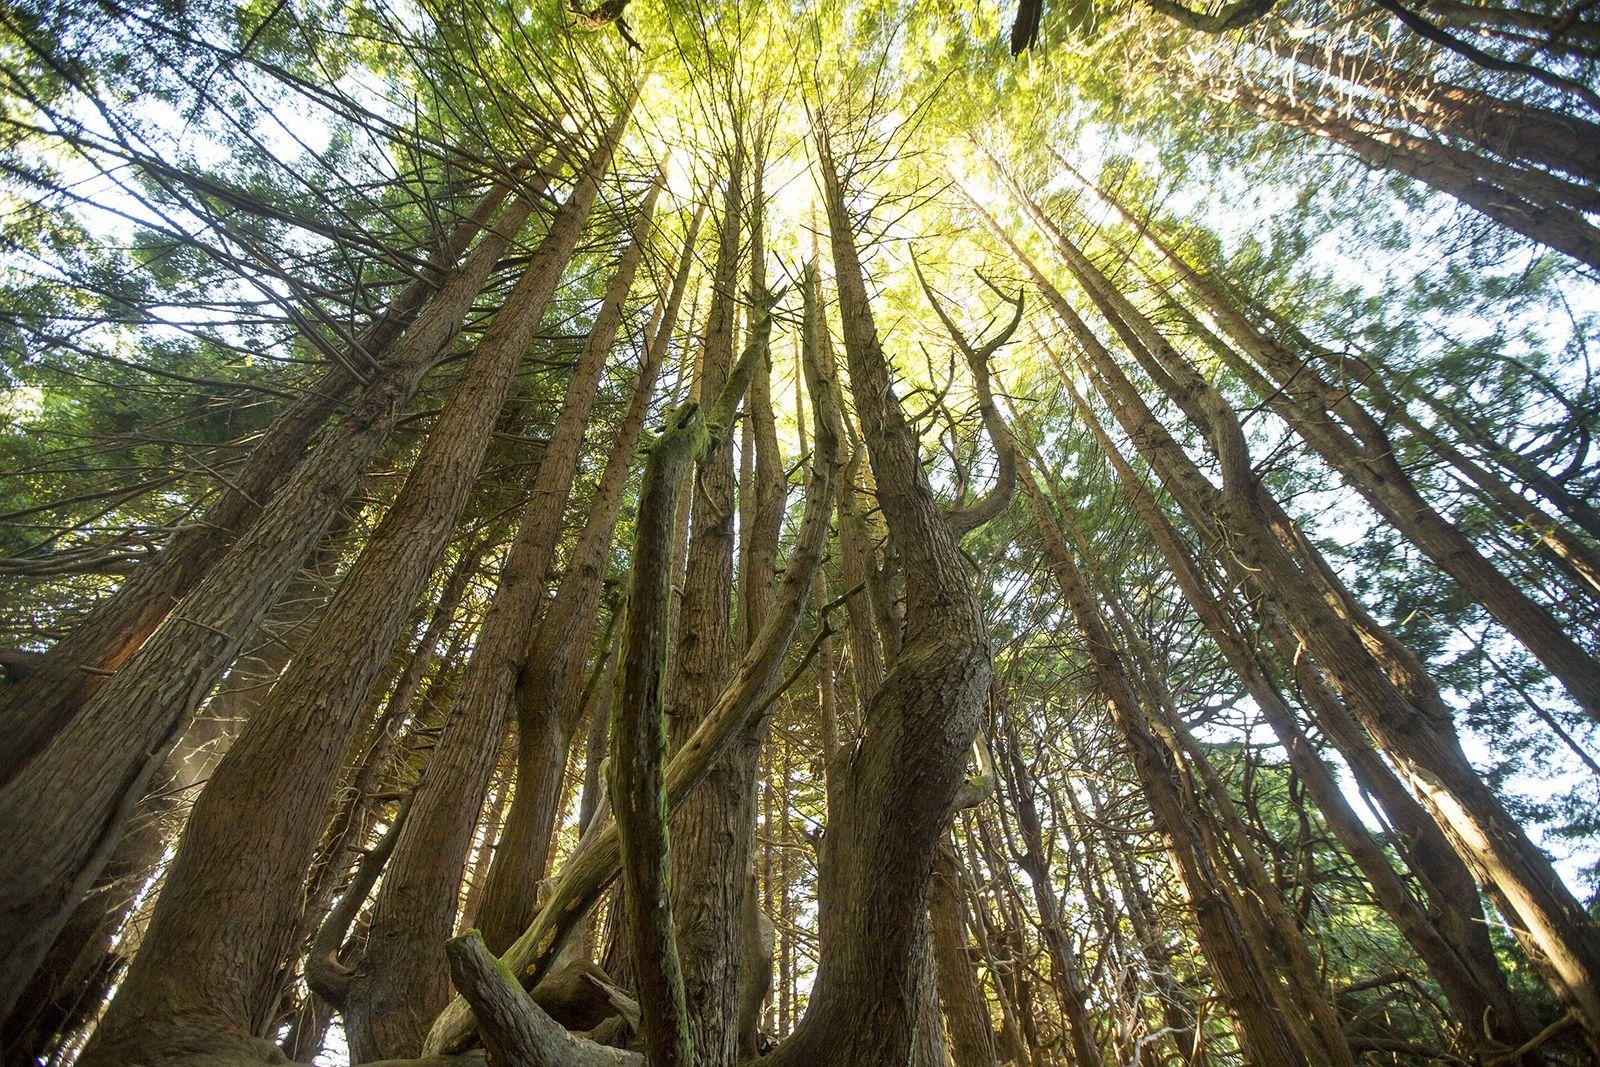 Der Usal Redwood Forest erstreckt sich auf über 20.000 Hektar an der kalifornischen Küste. Die Kombination ...